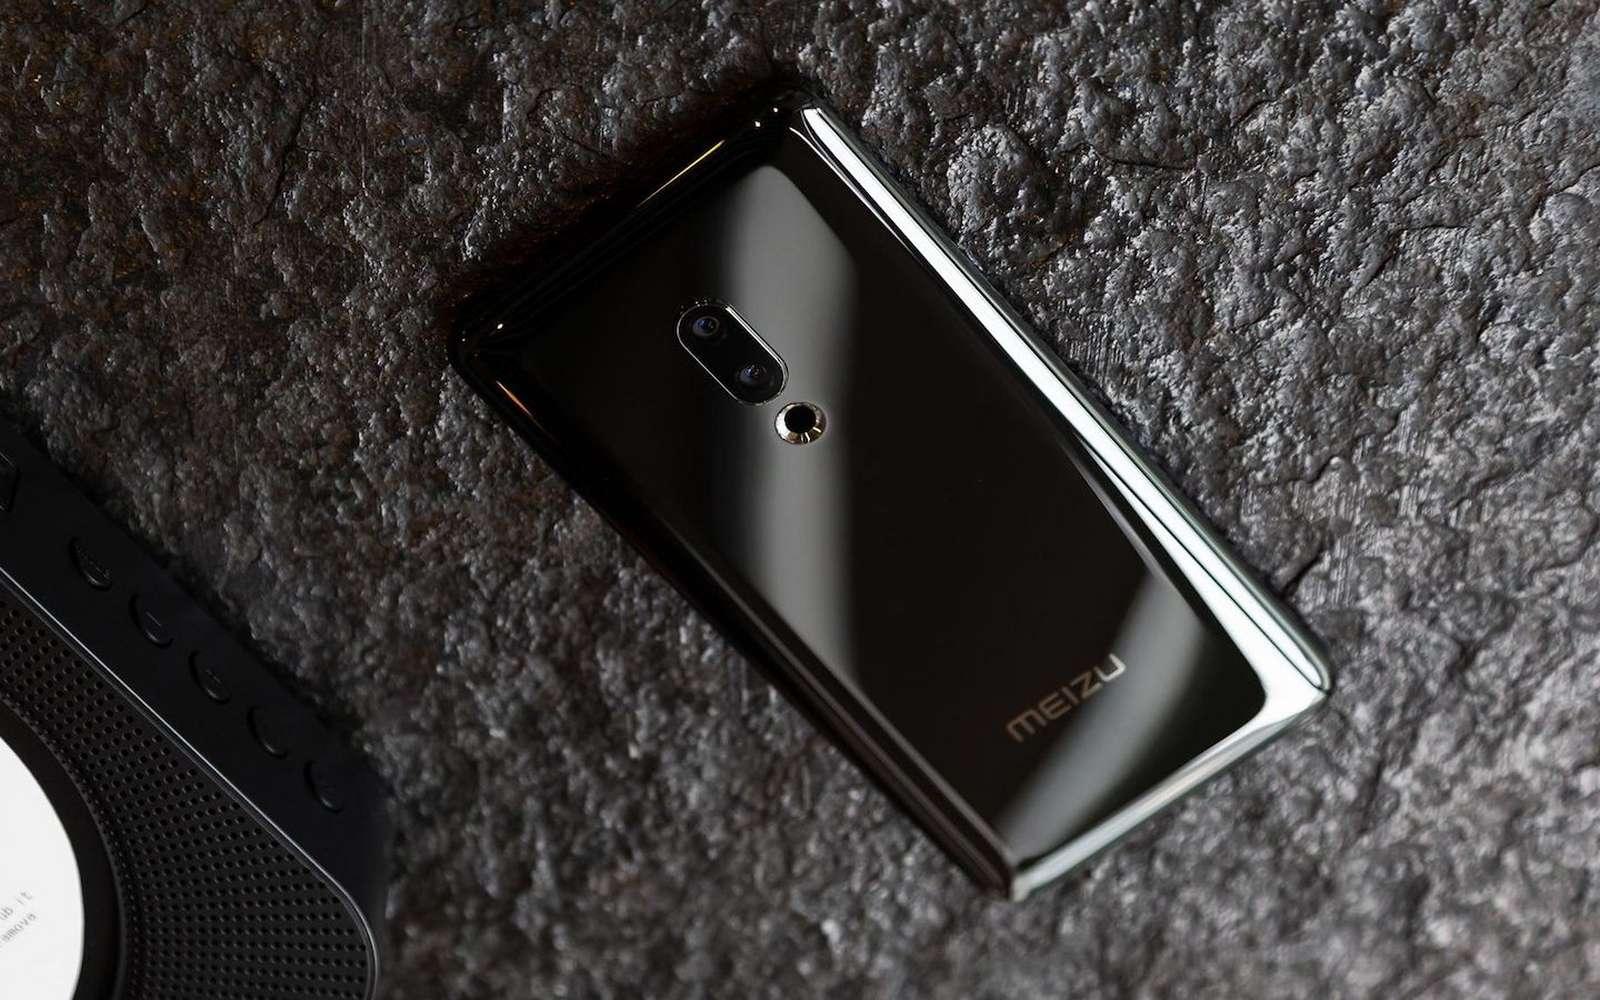 Seuls les capteurs photo apparaissent sur la coque très design de ce smartphone d'un nouveau genre. © Meizu